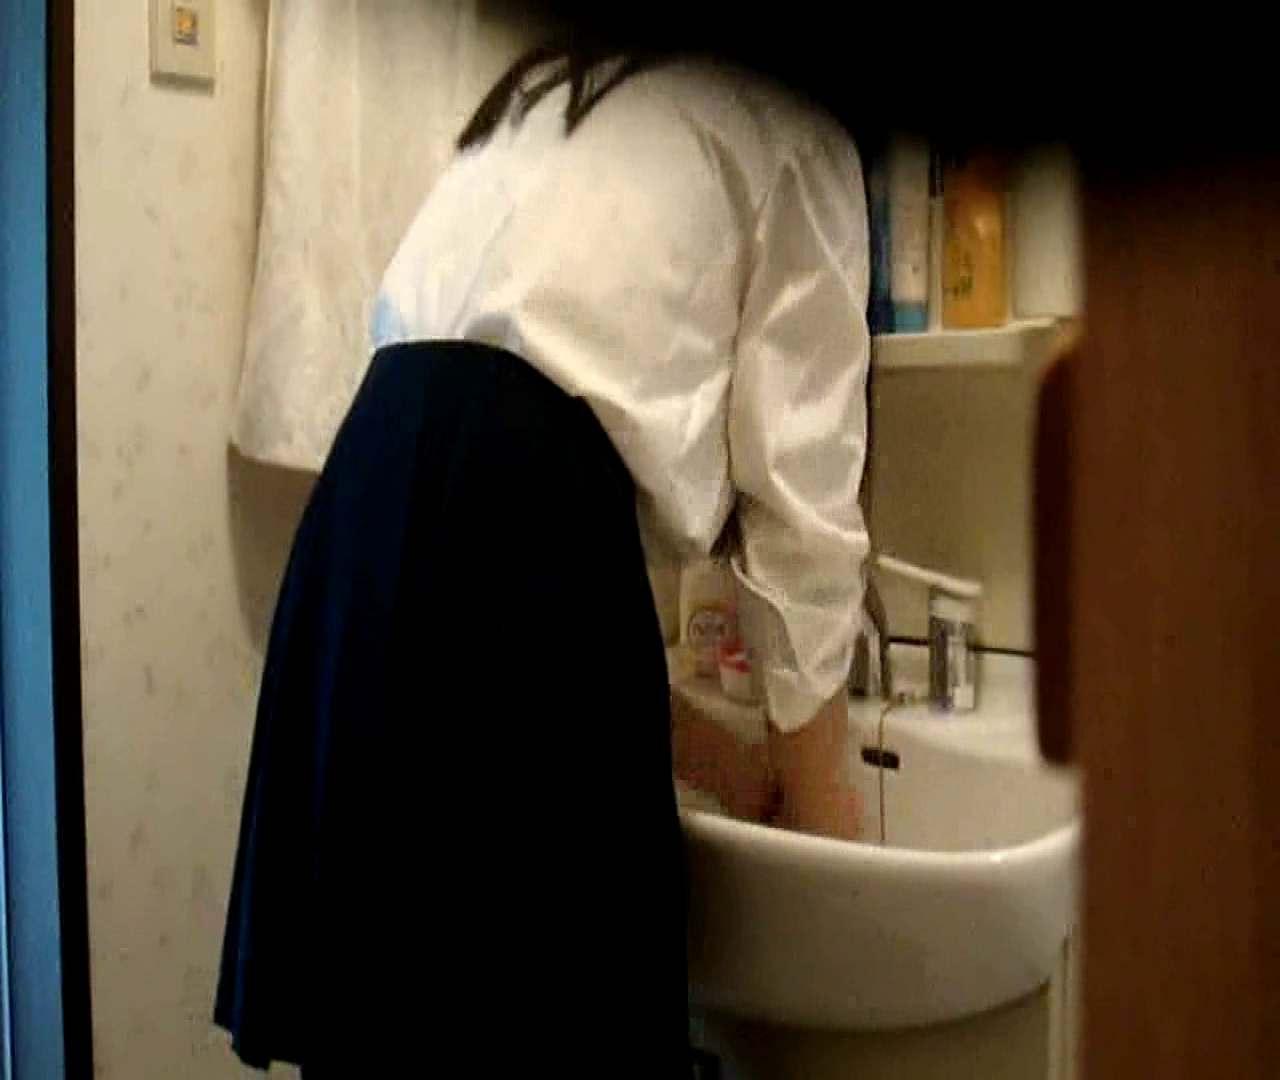 二人とも育てた甲斐がありました… vol.05 まどかが洗顔後にブラを洗濯 盗撮シリーズ | おまんこ見放題  79PIX 77